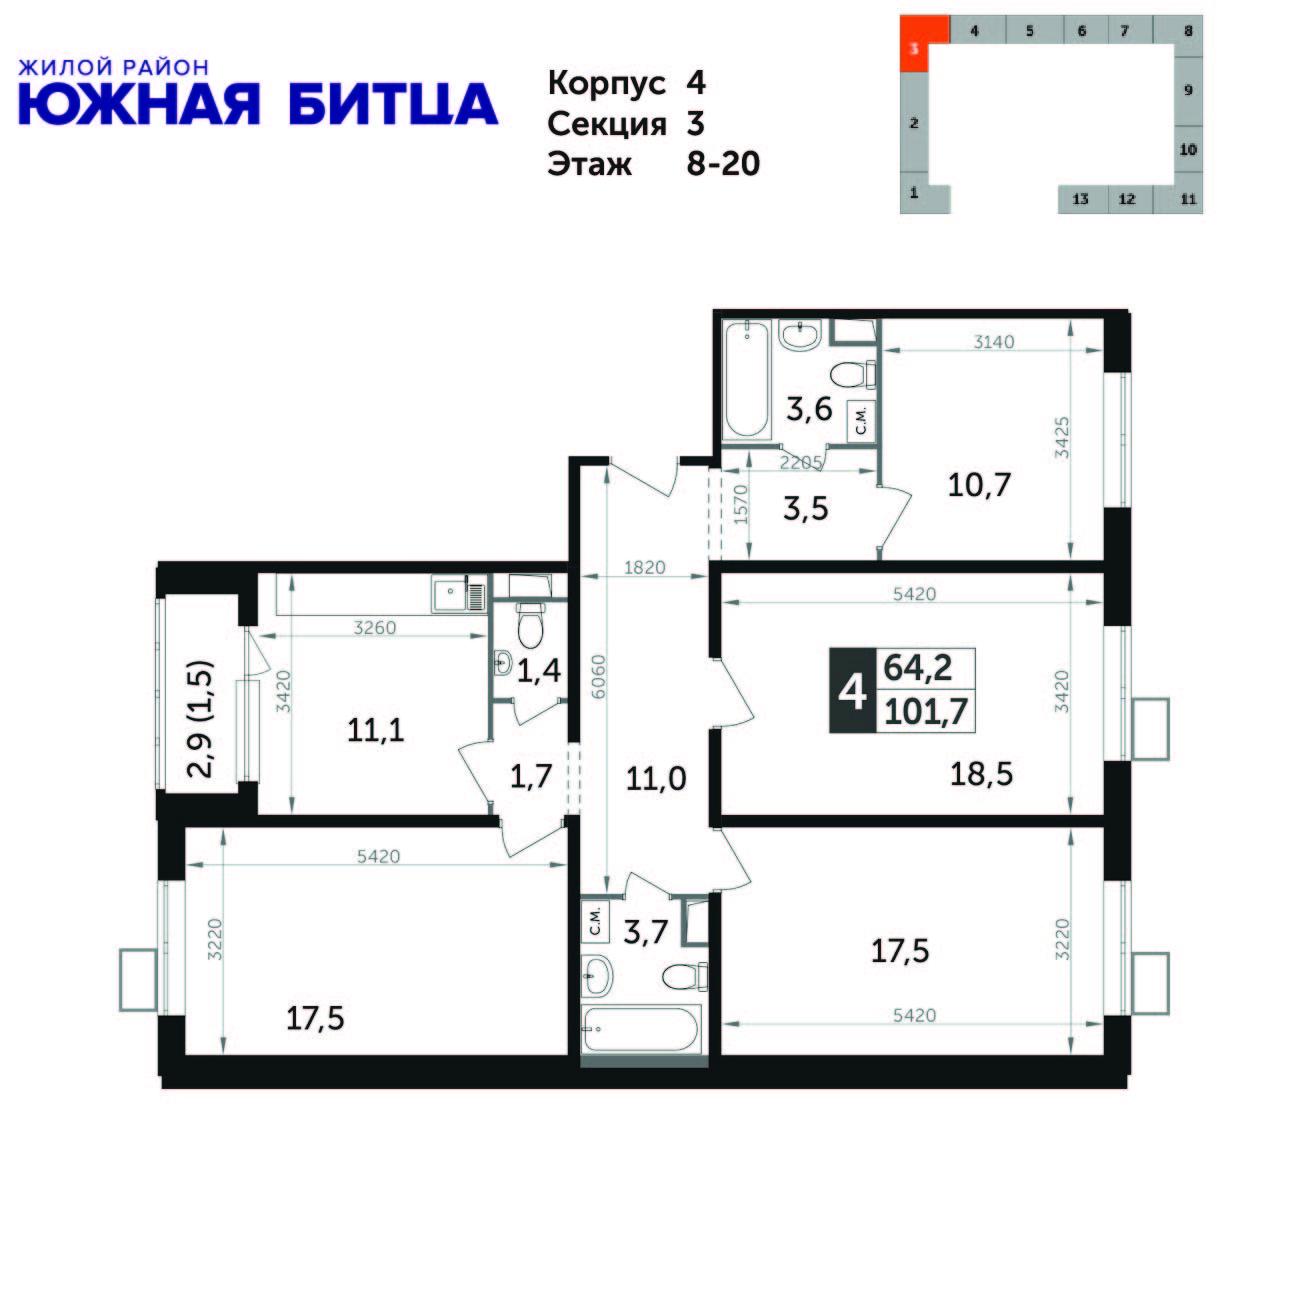 4-комнатная квартира, 102.9м² за 13,1 млн руб.